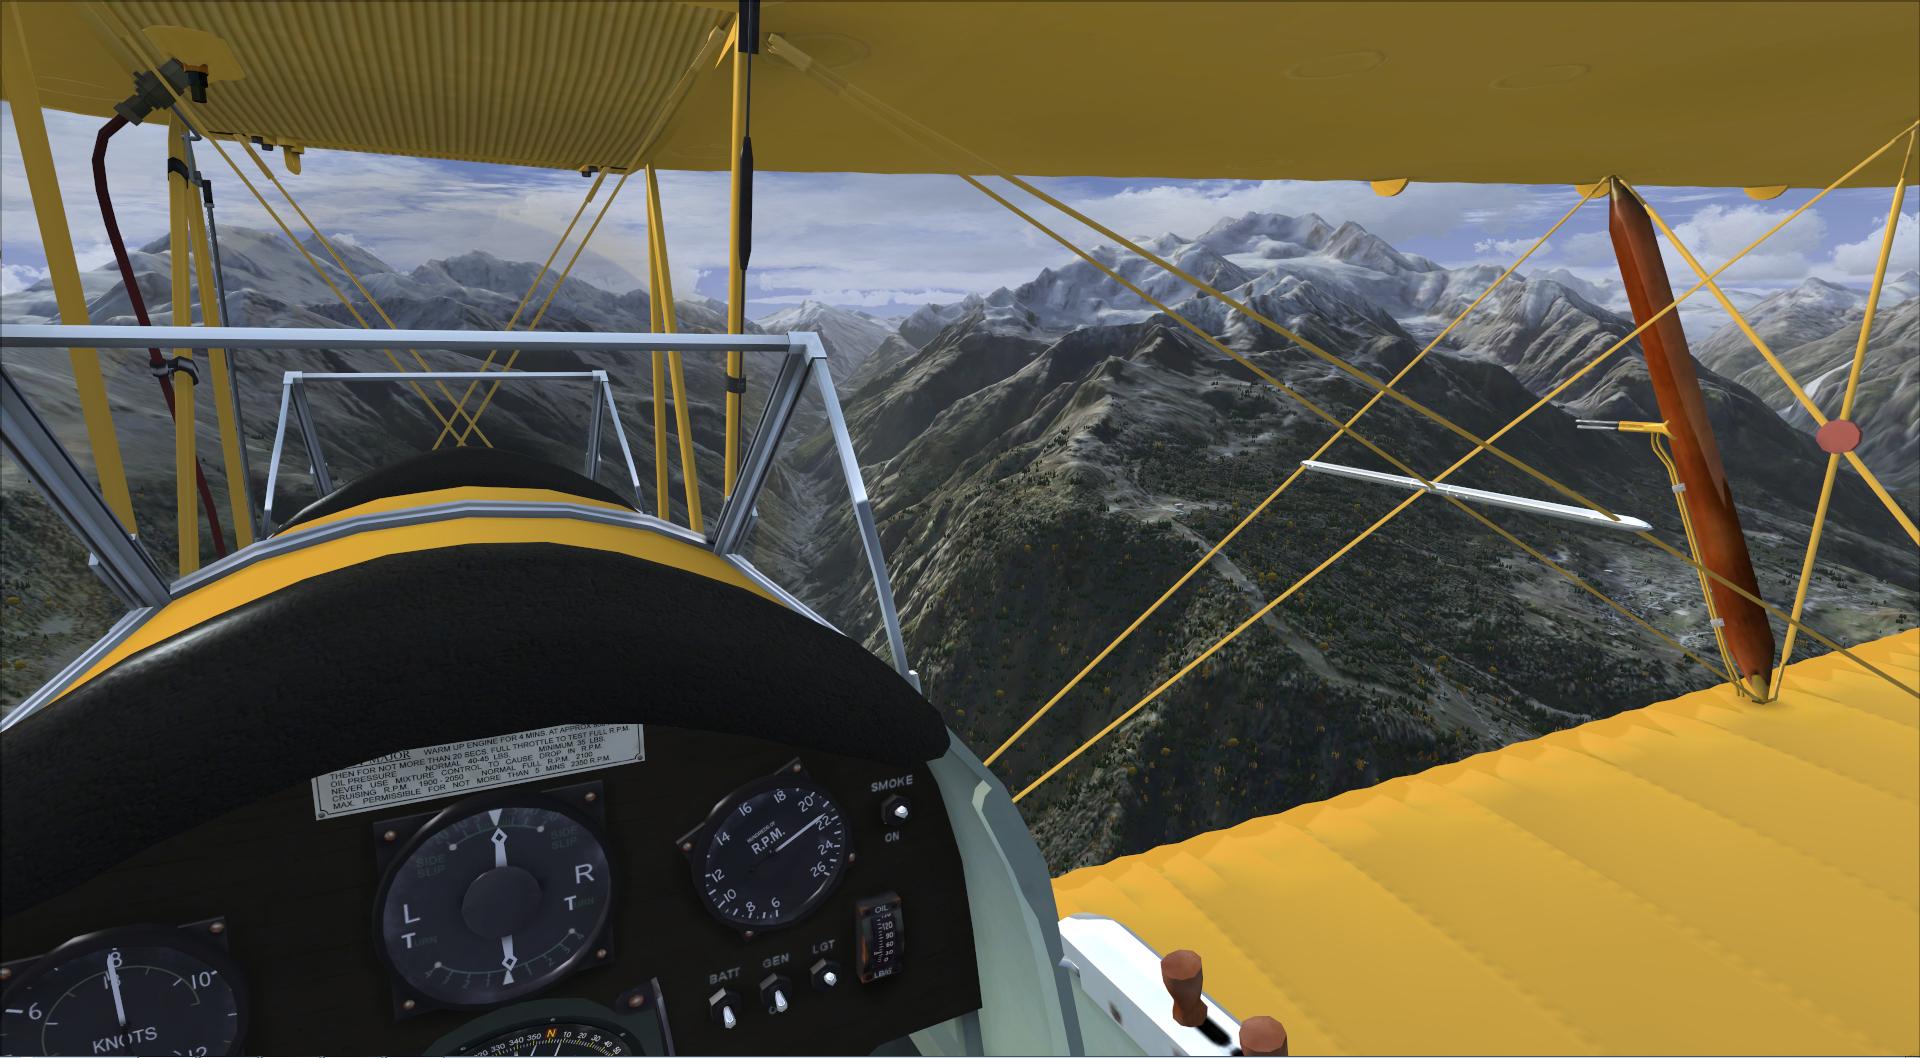 Compte rendu aéroclub. Le passage des alpes 868430201497111634769